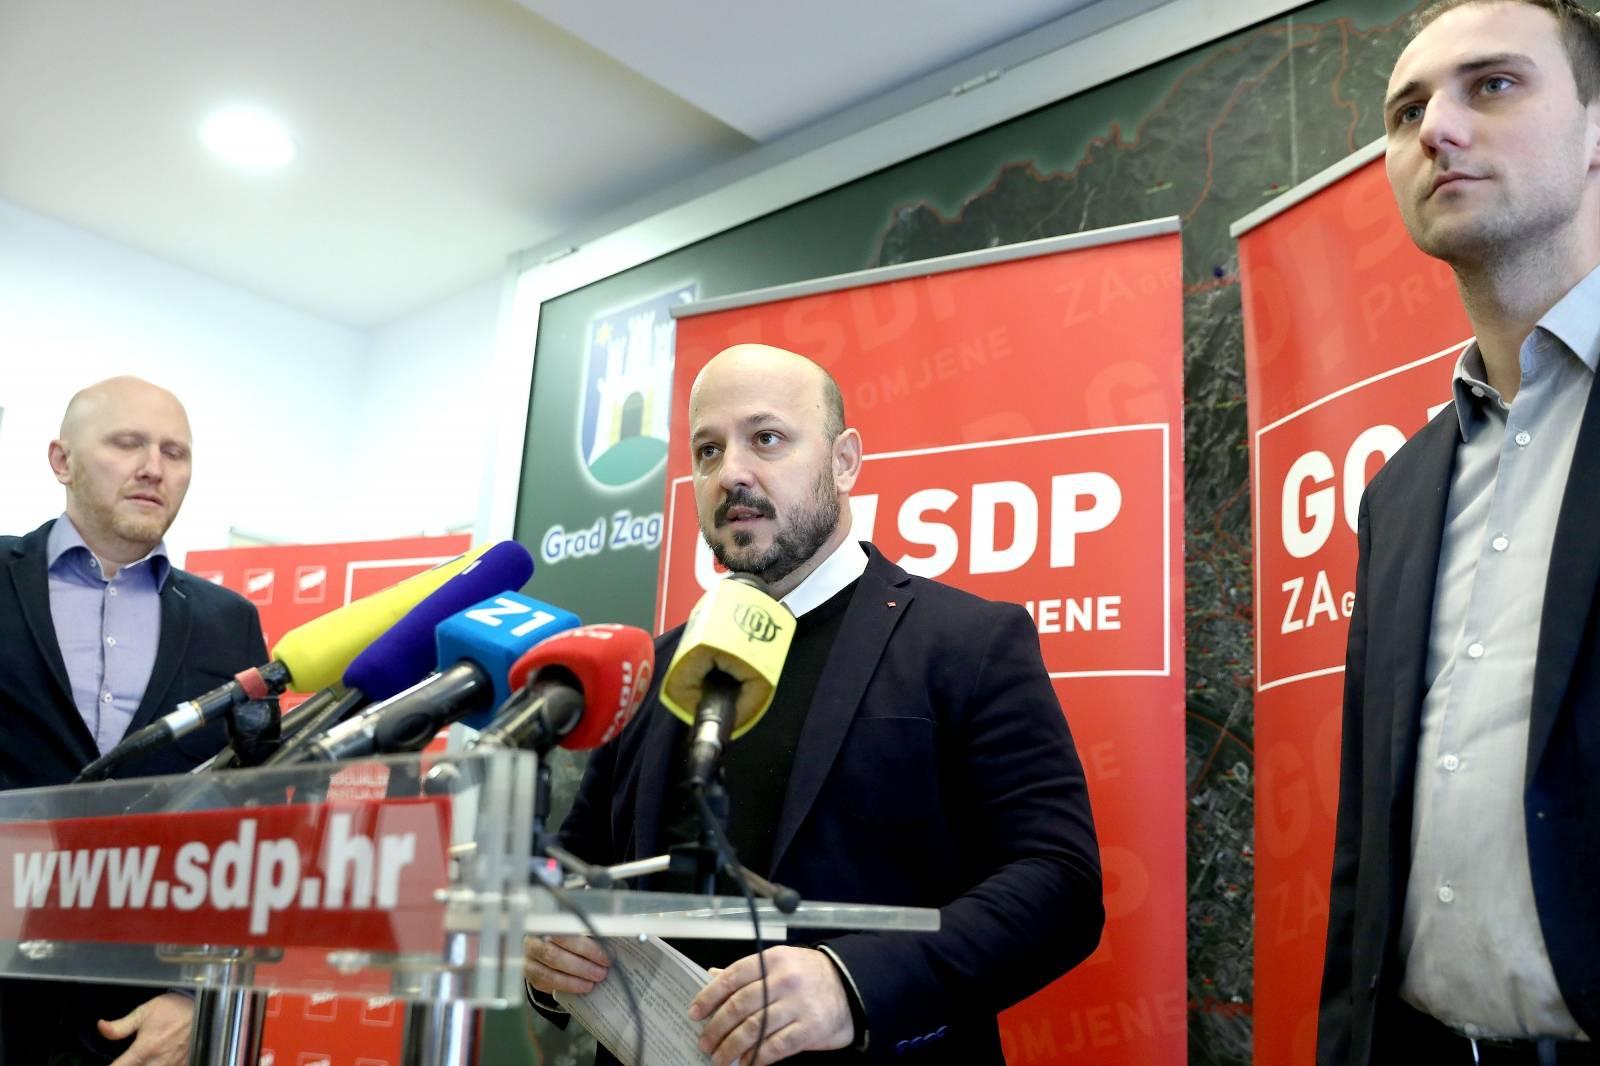 Zagreb: U sjedištu GO SDP-a održana je konferencija za medije